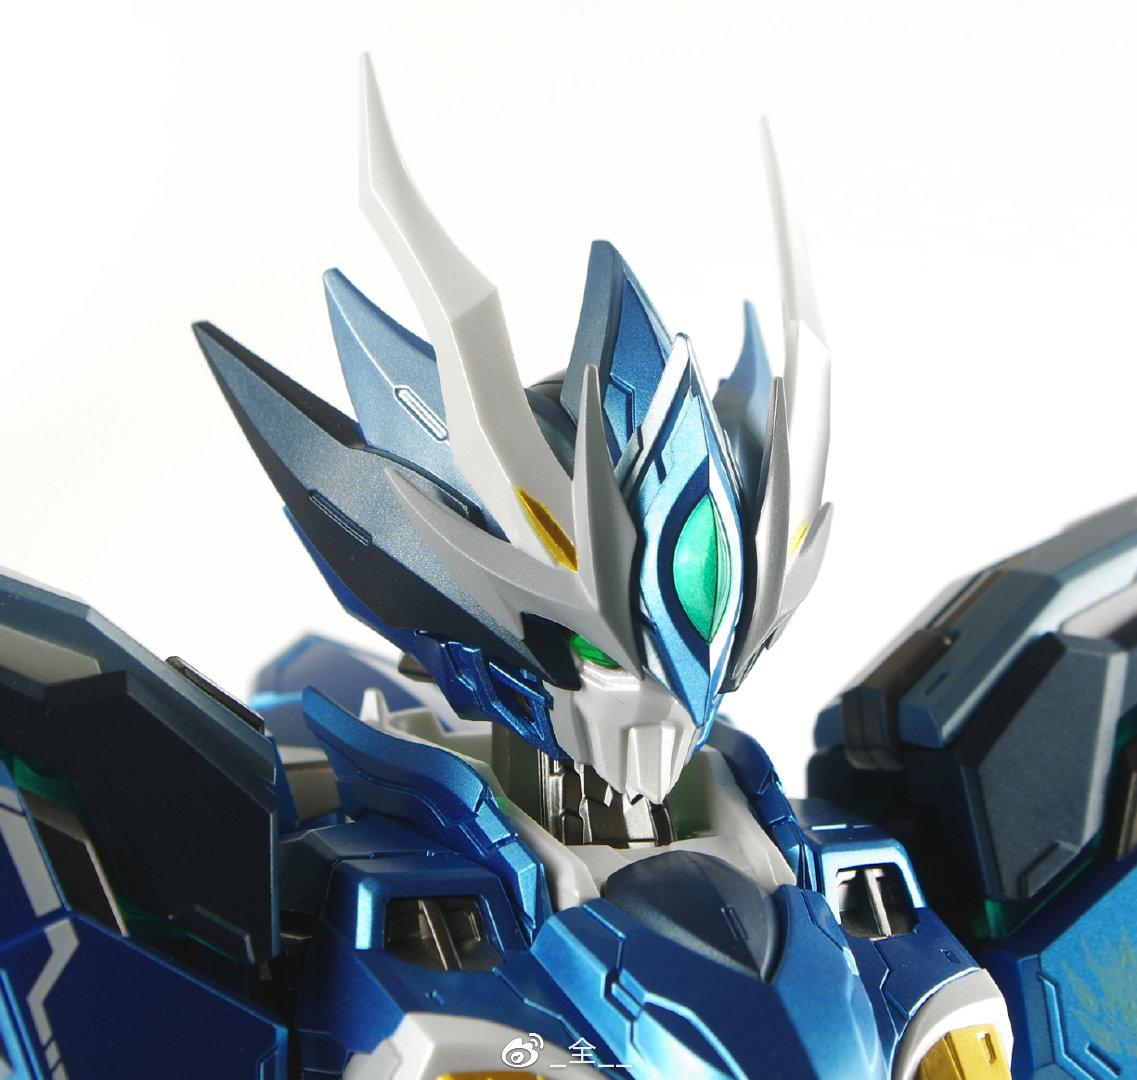 S470_MOTOR_NUCLEAR_MN_Q03_blue_gragon_ao_bing_di_hui_xing_han_long_zi_021.jpg